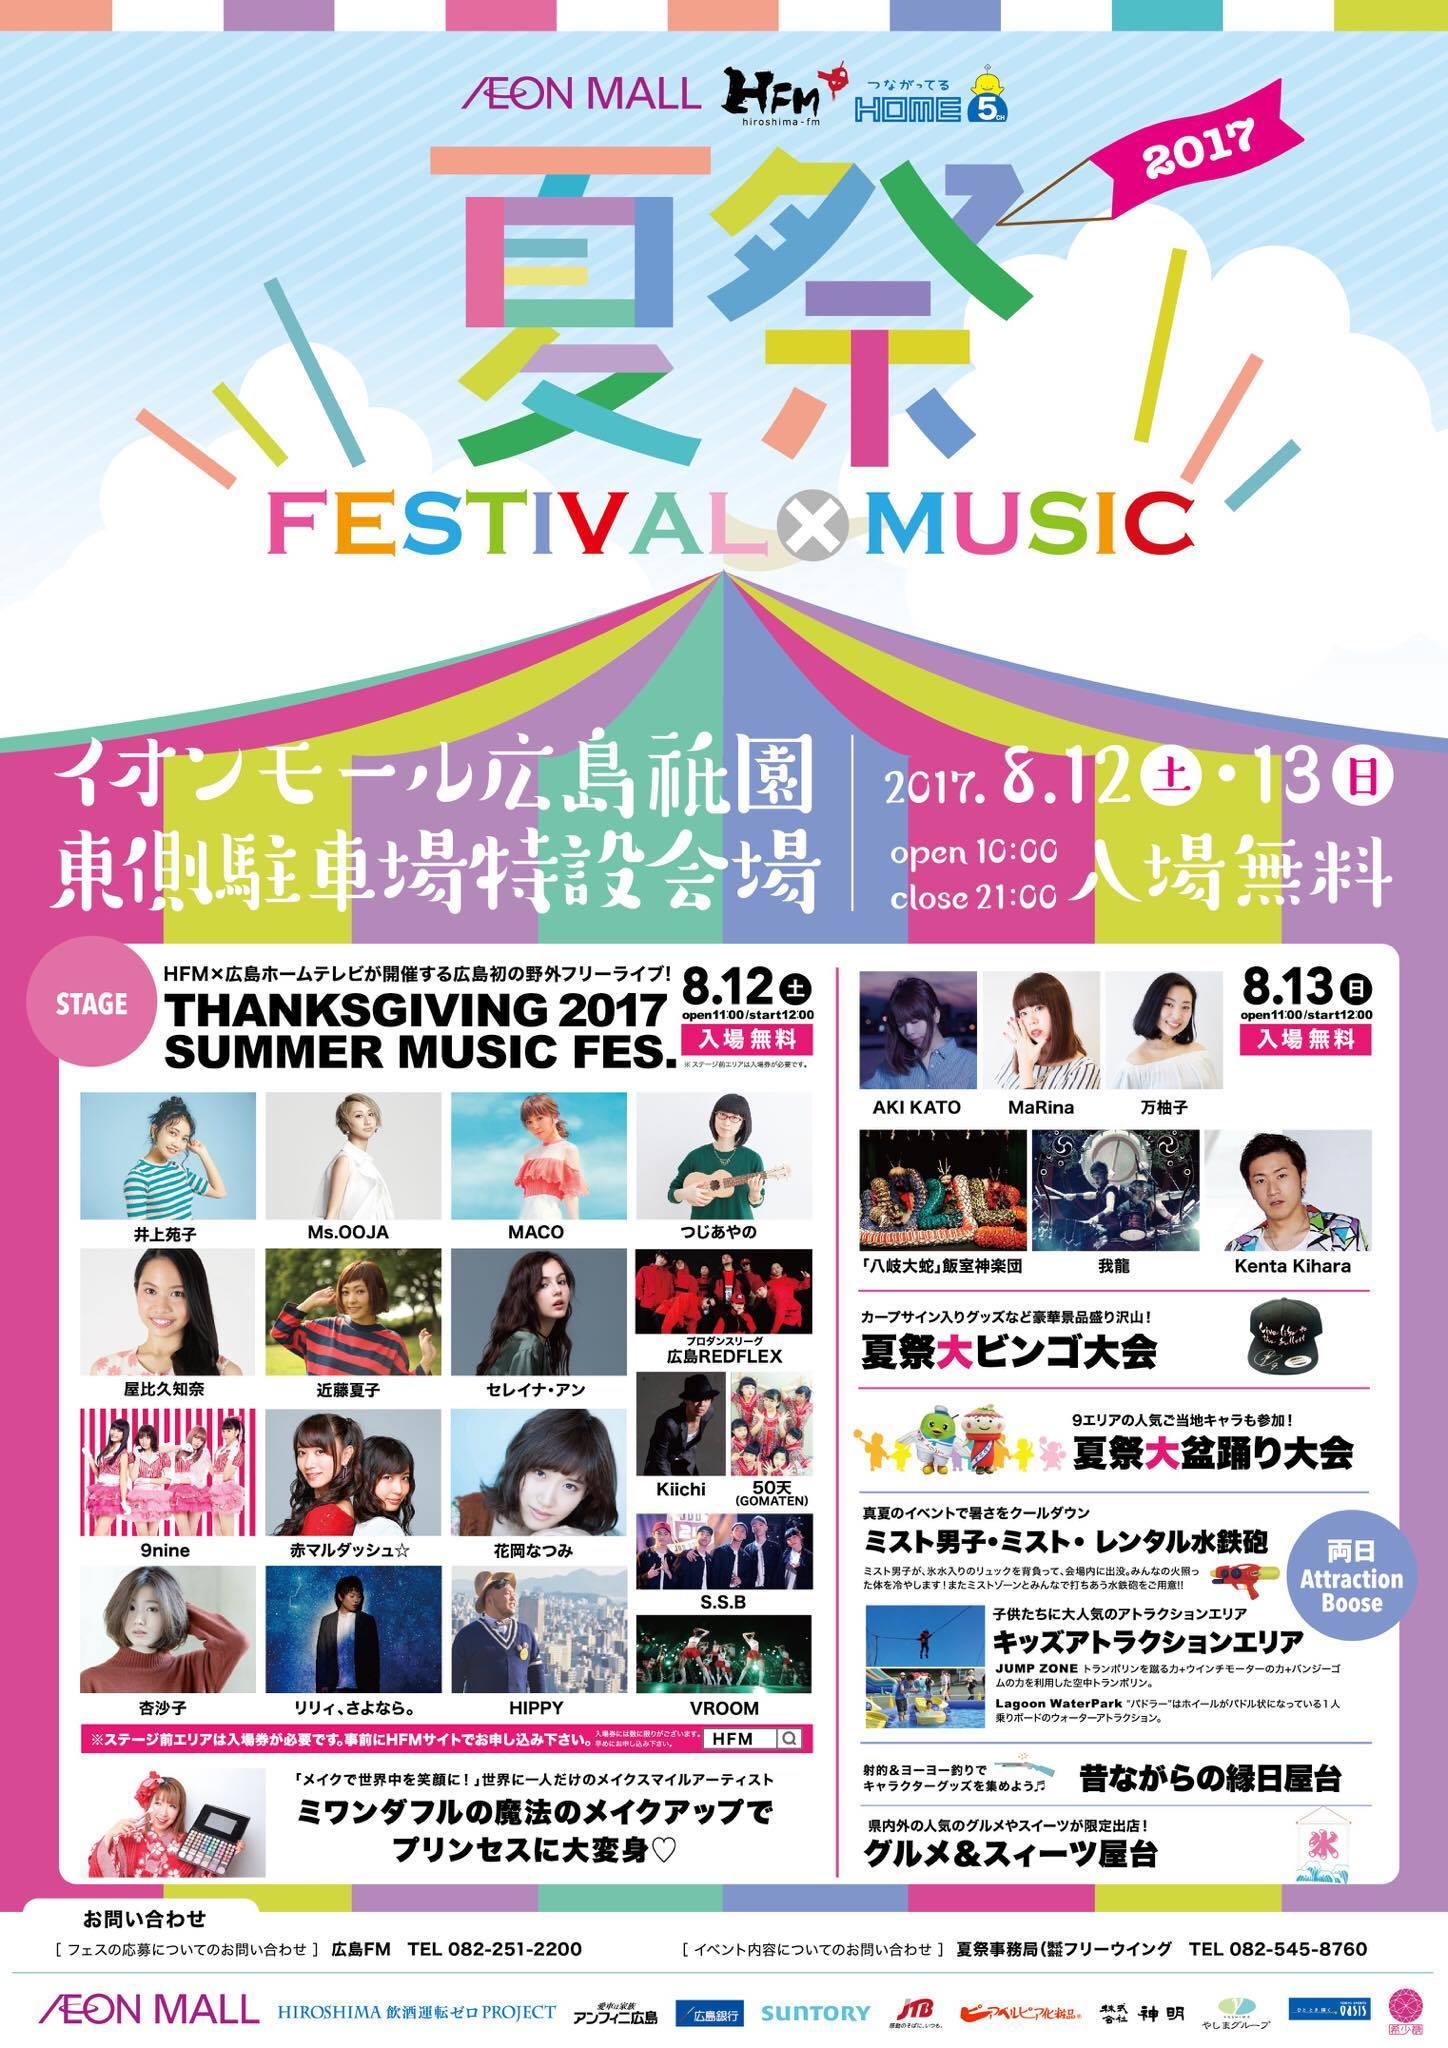 イオンモール広島祇園夏祭り2017festival×music出演決定!!!